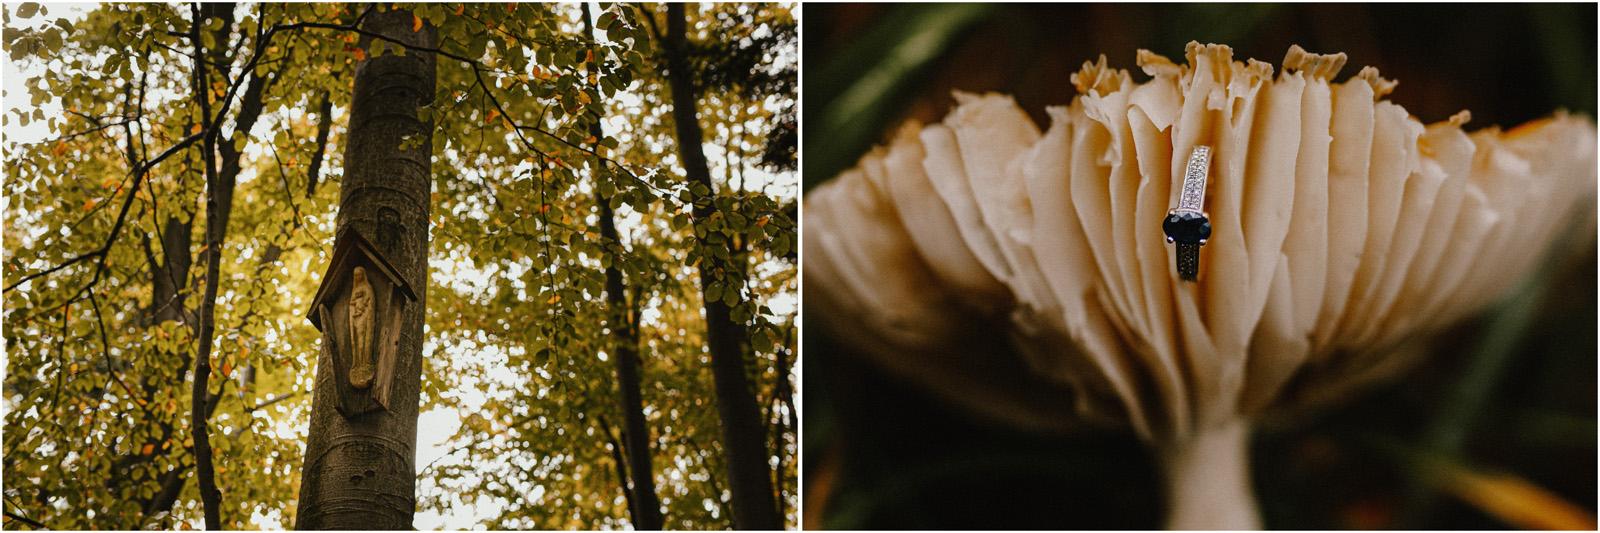 Ania & Szczepan | leśna sesja w Bieszczadach 7